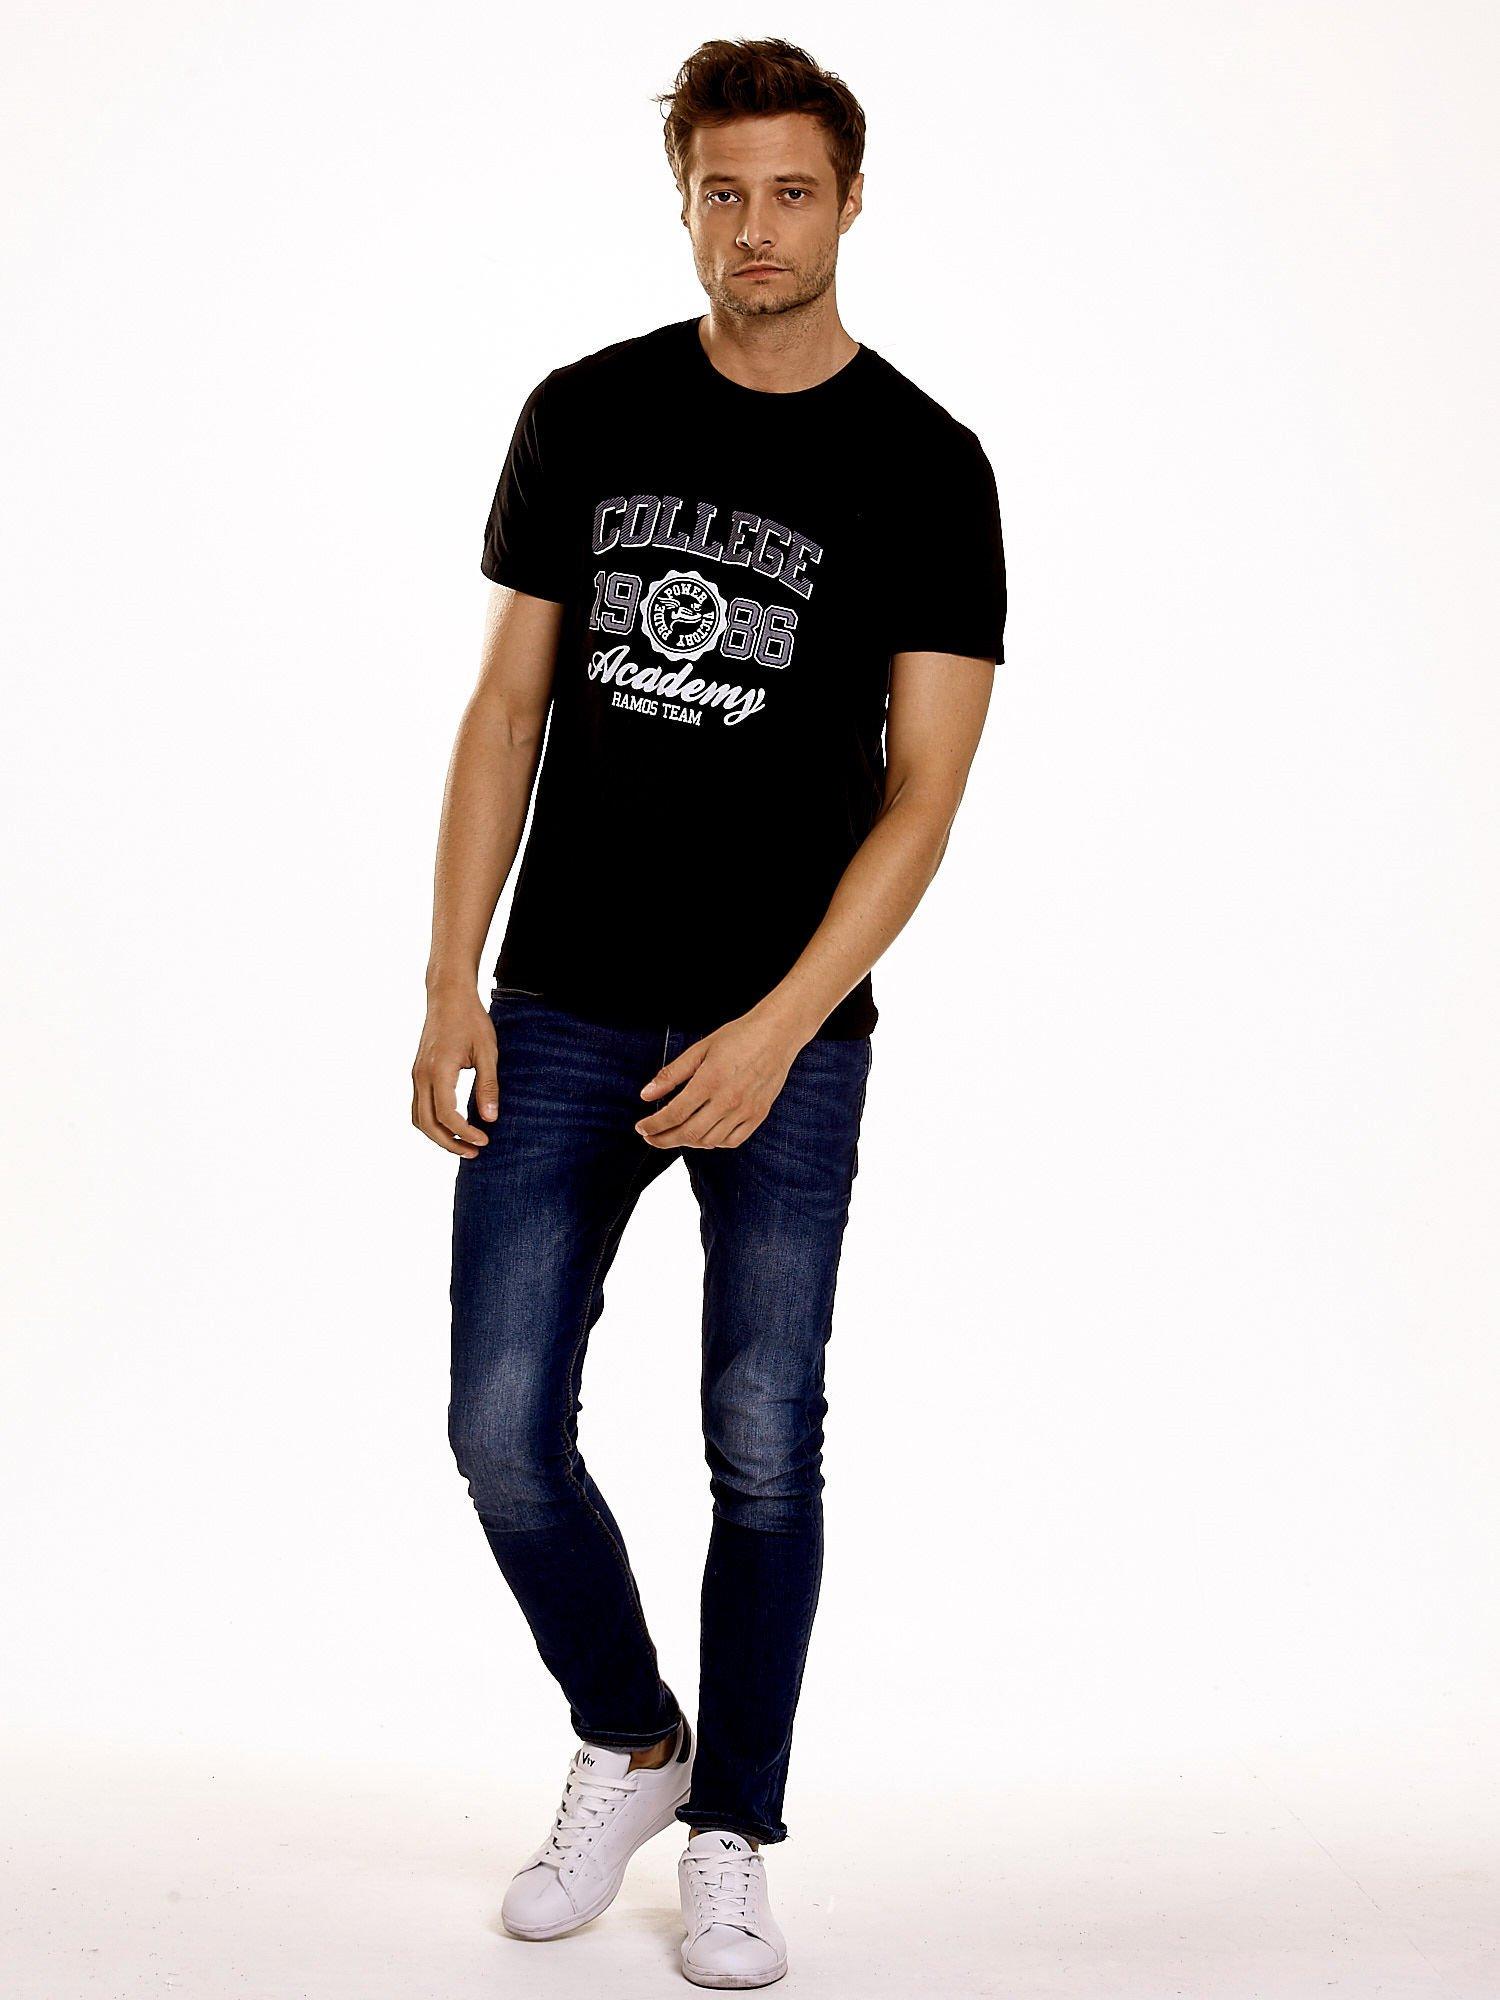 Czarny t-shirt męski z nadrukiem i napisem COLLEGE 1986                                  zdj.                                  2